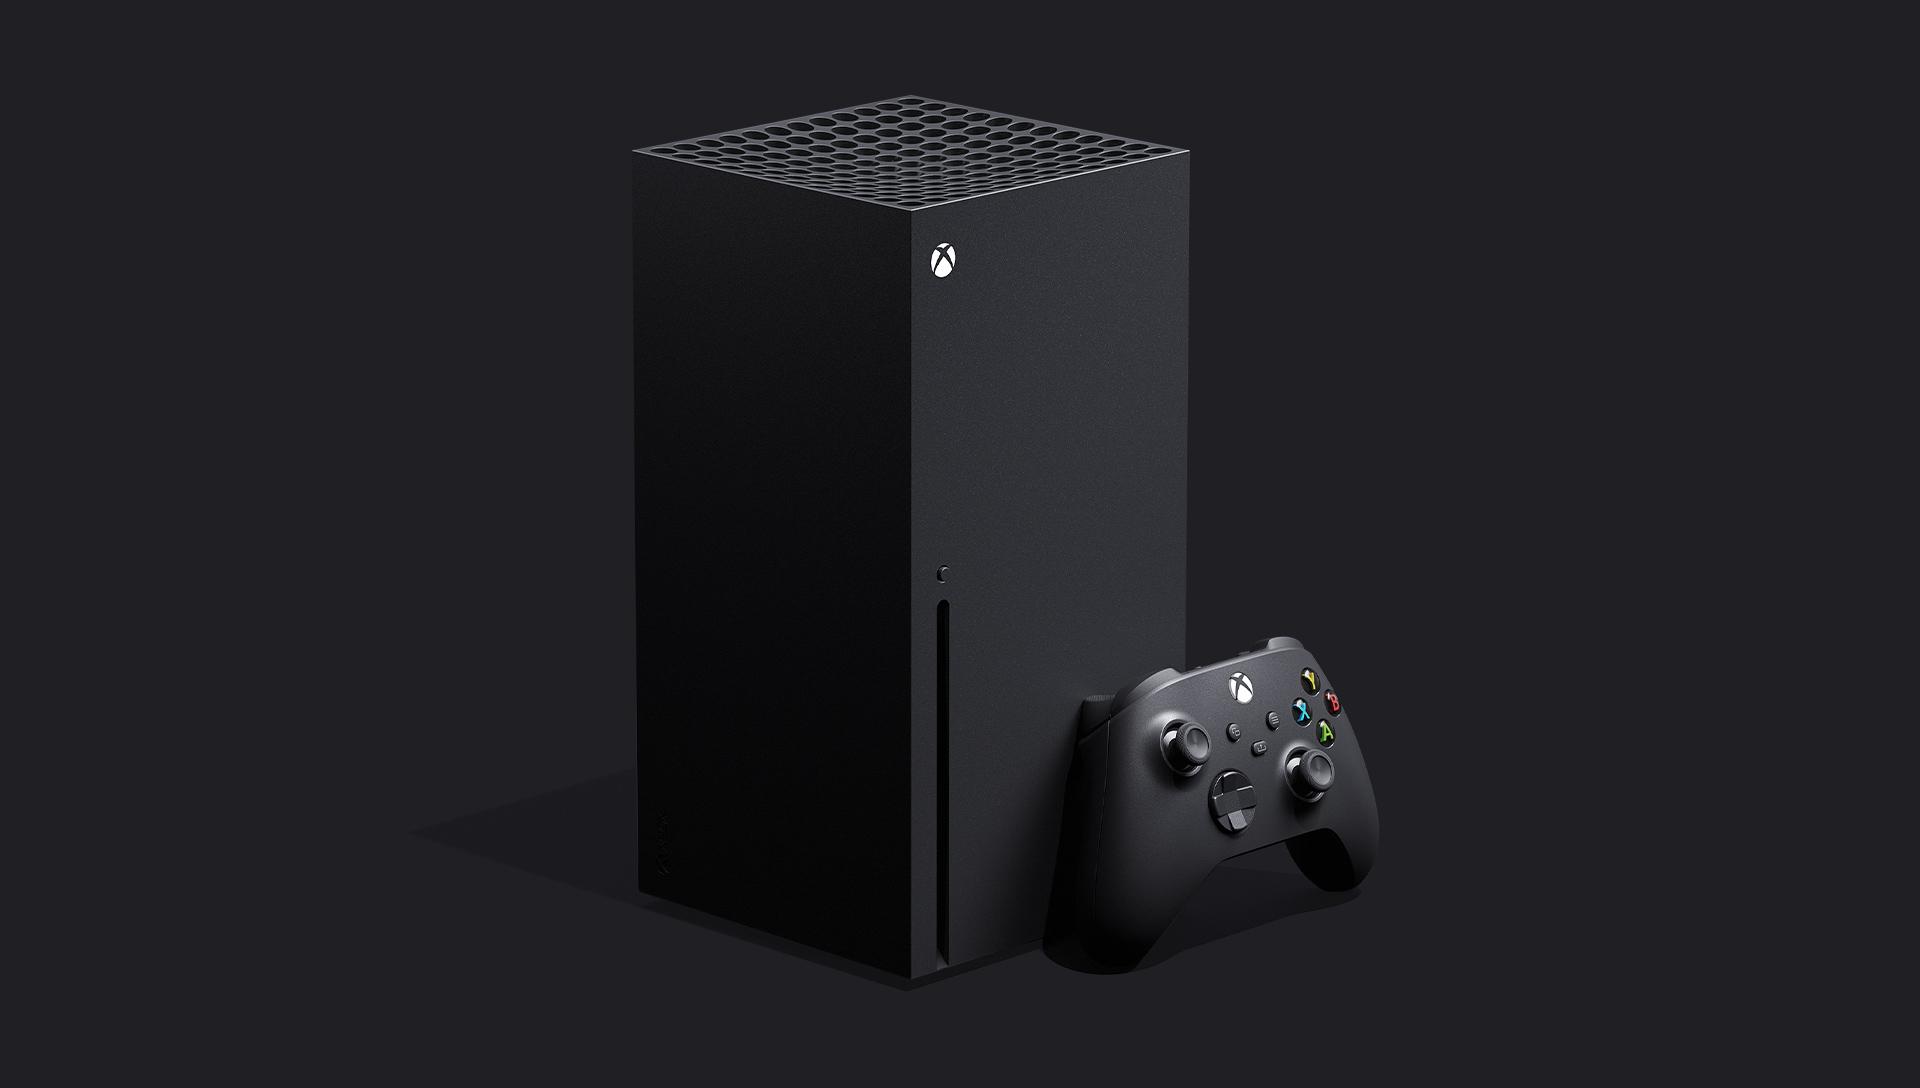 قیمت پلی استیشن 5 و Xbox Series X